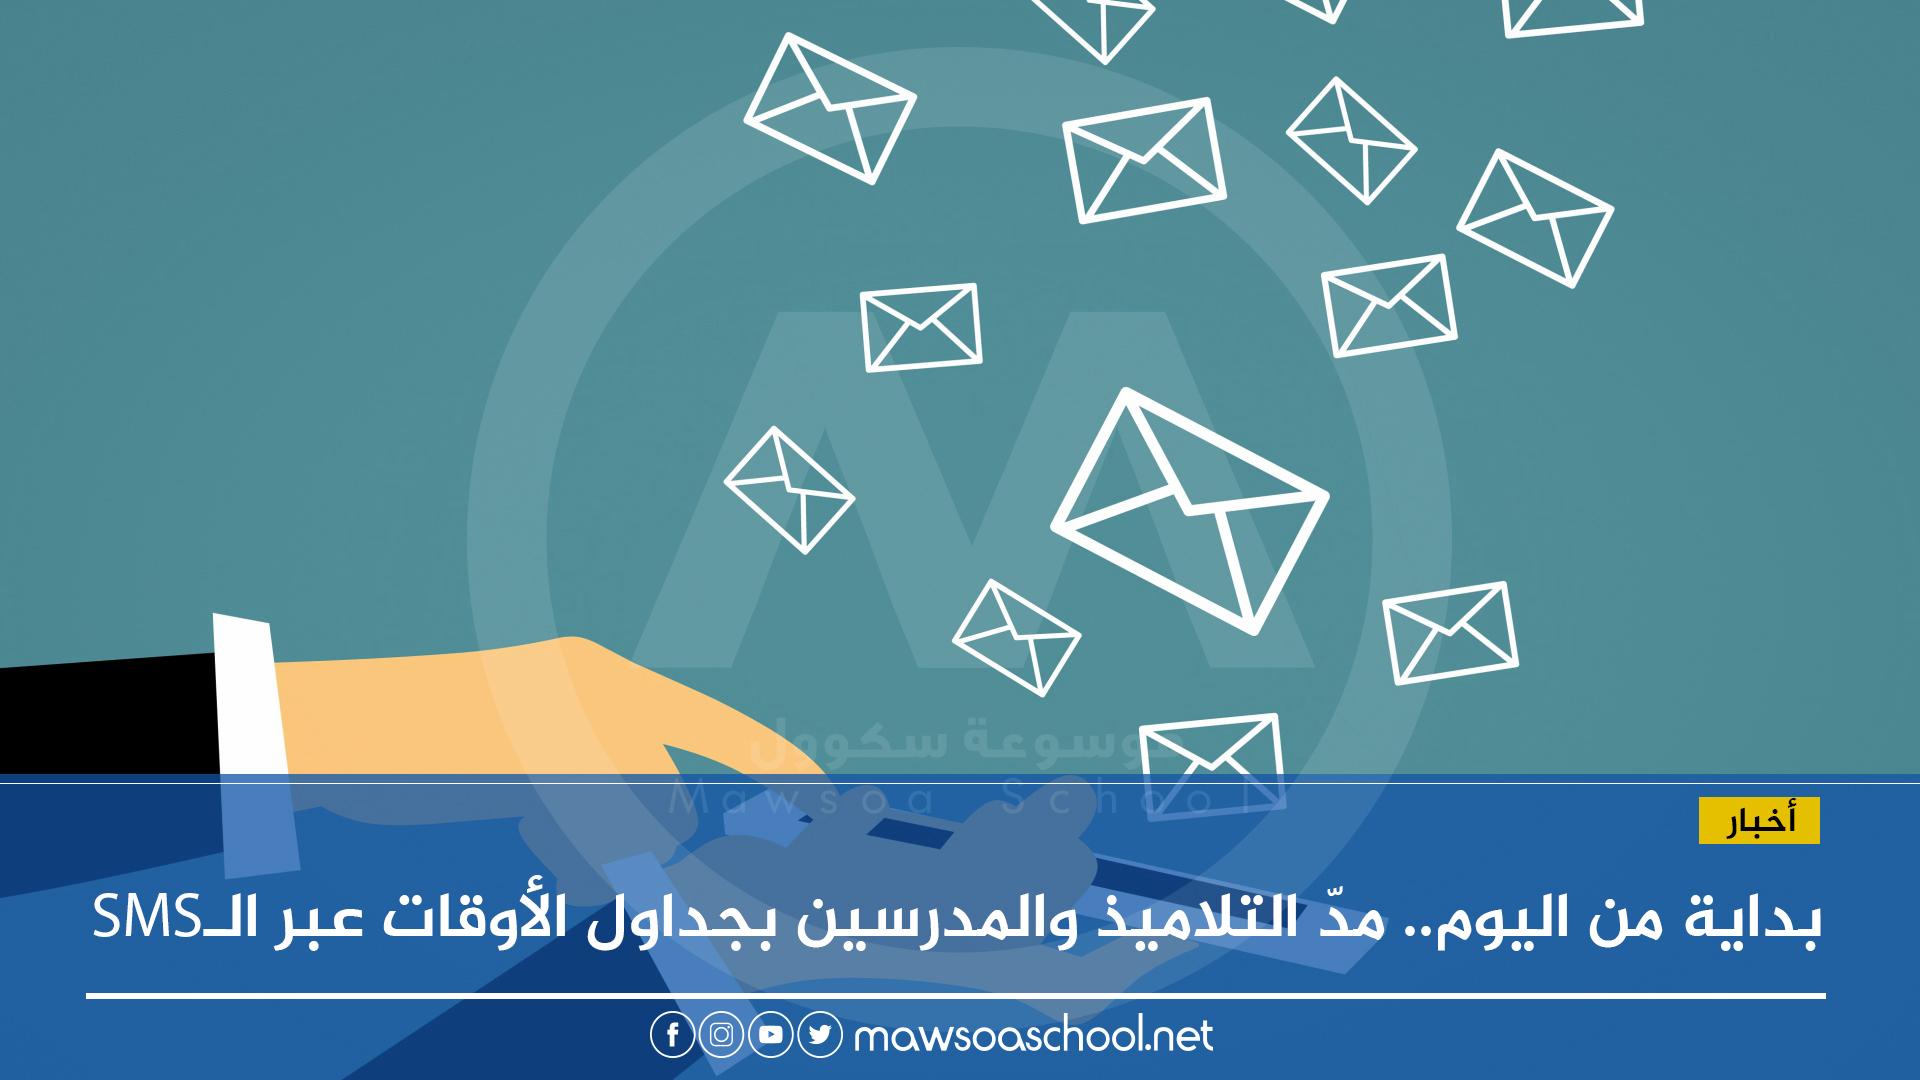 بداية من اليوم.. مدّ التلاميذ والمدرسين بجداول الأوقات عبر الـ SMS: التفاصيل